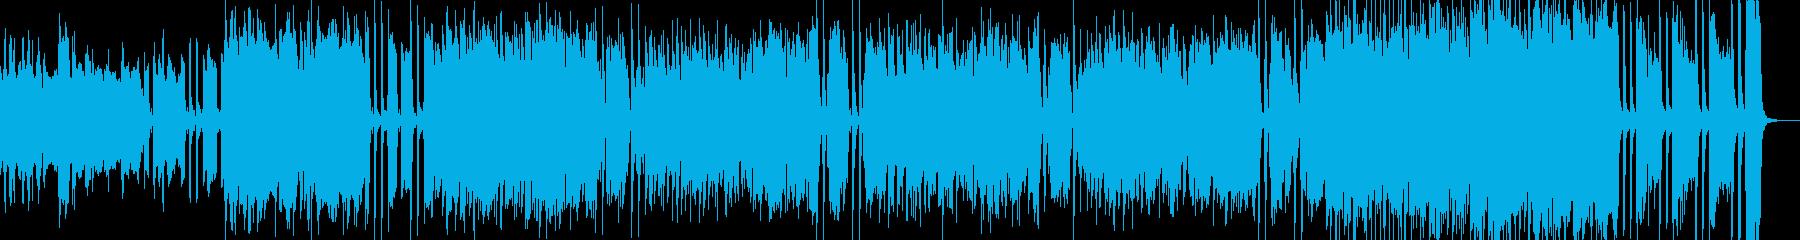 スリリング、軽快なFusionの再生済みの波形